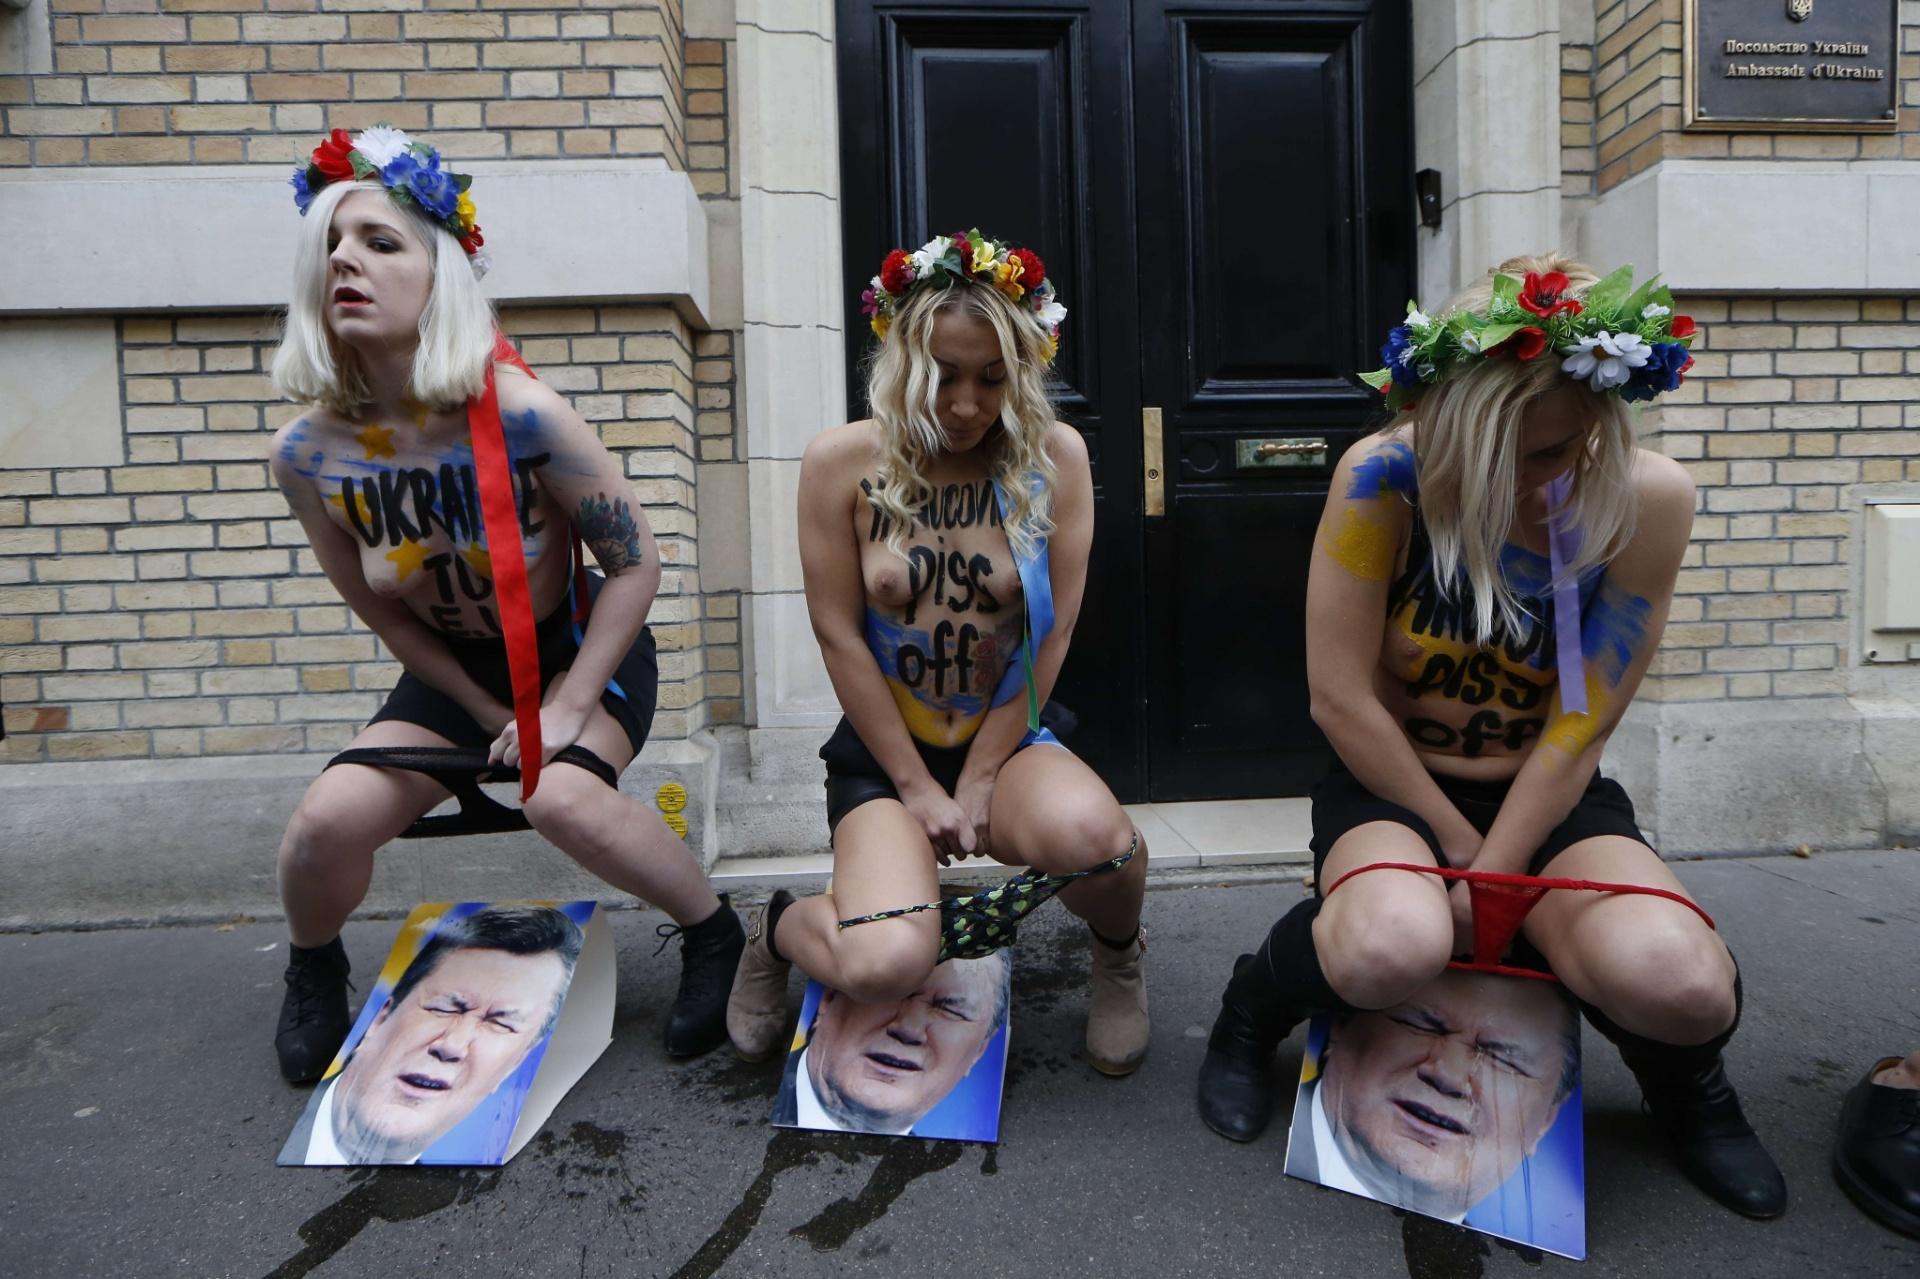 01.dez.2013 - Ativistas do grupo feminista Femen urinam em fotos do presidente ucraniano, Viktor Yanukovych, em frente à embaixada do país em Paris, na França. Neste domingo, mais uma vez manifestantes foram às ruas de Kiev para protestar contra o presidente da Ucrânia, acusado de vetar o ingresso no país na União Europeia